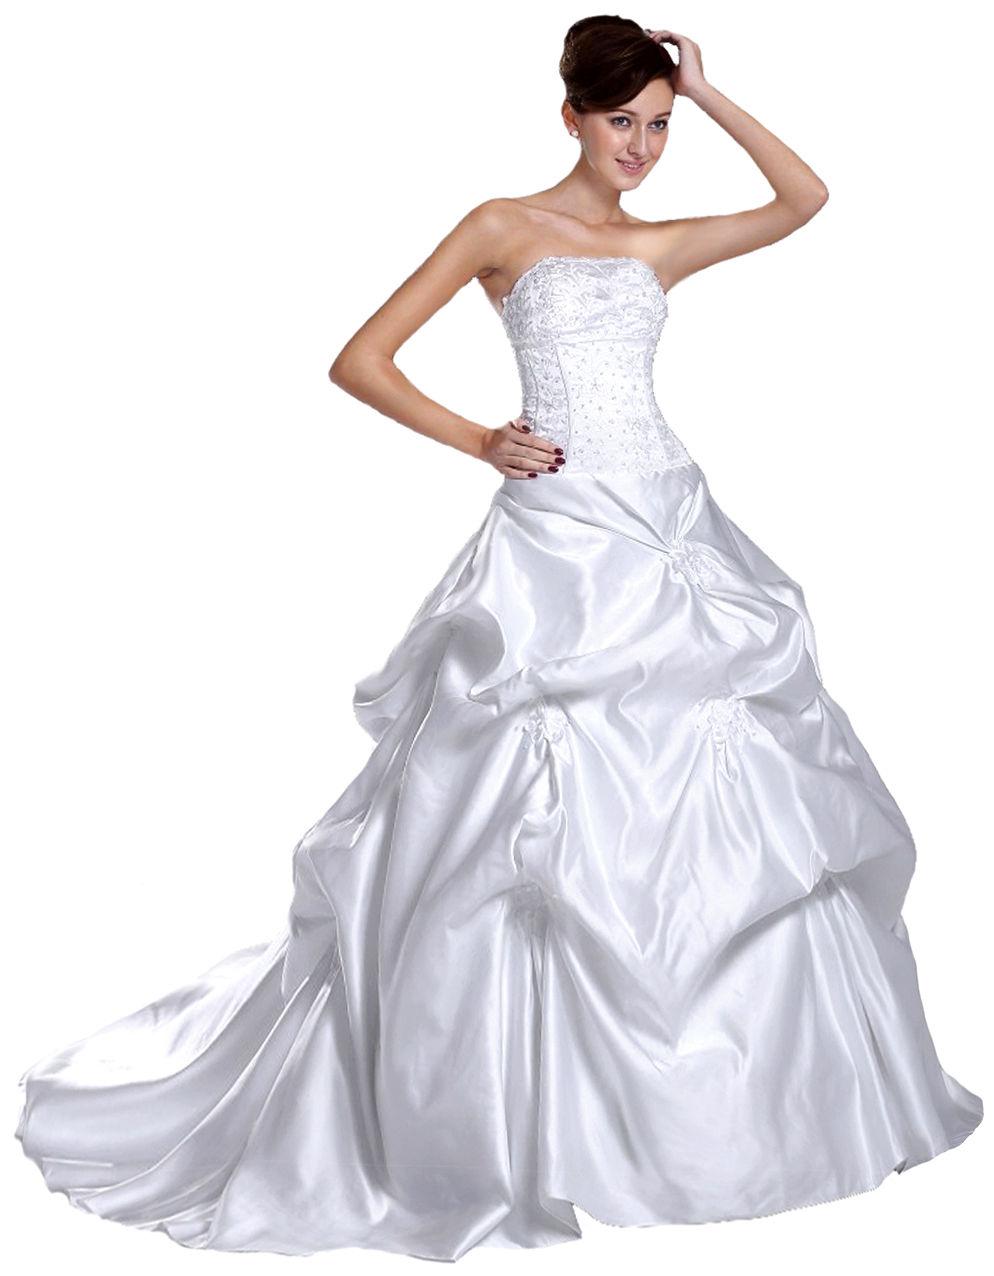 Letní výprodej svatebních šatů - velikost 38-cena 3200kč